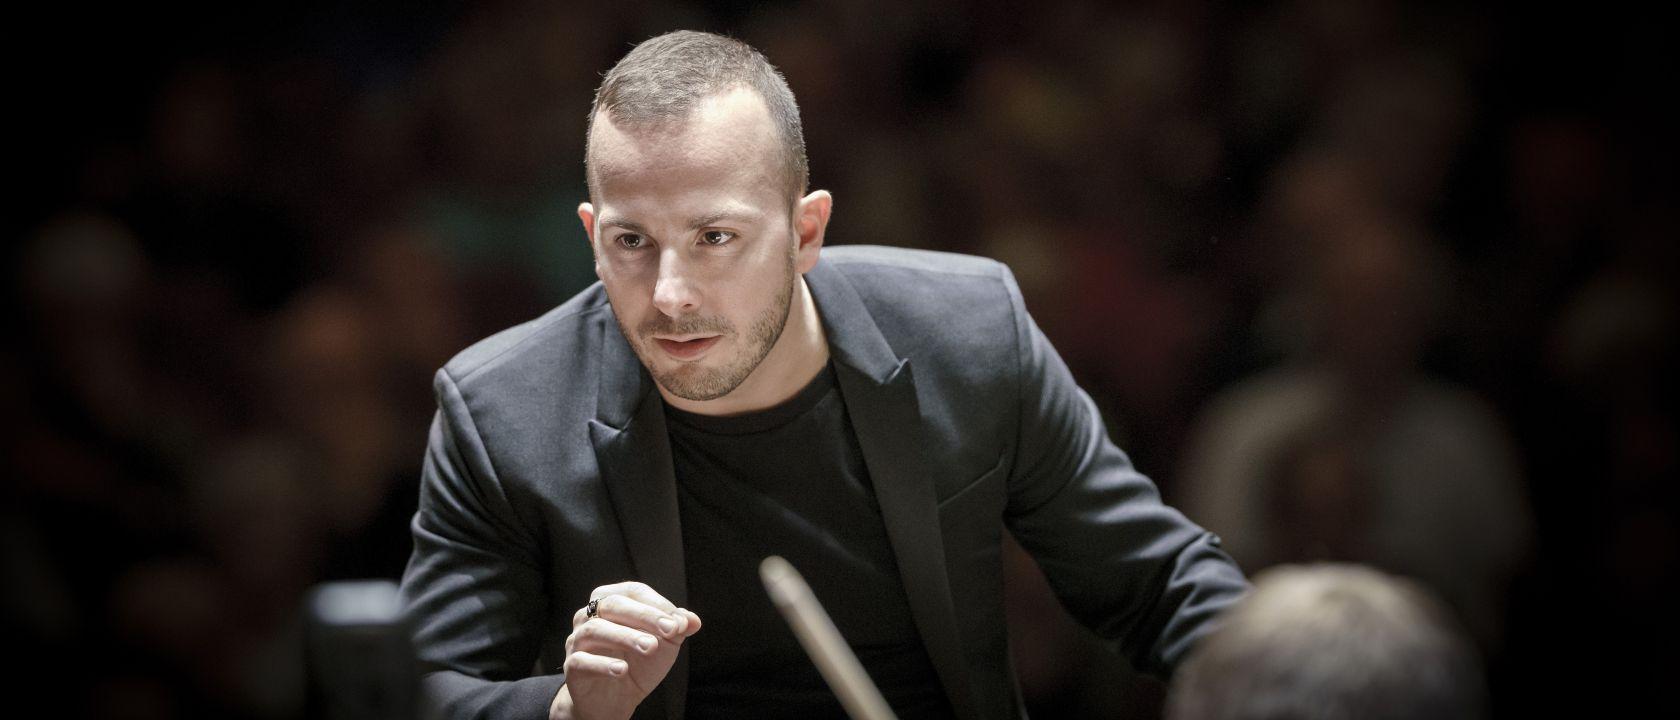 Yannick Nézet-Séguin Dirigent Salzburger Festspiele